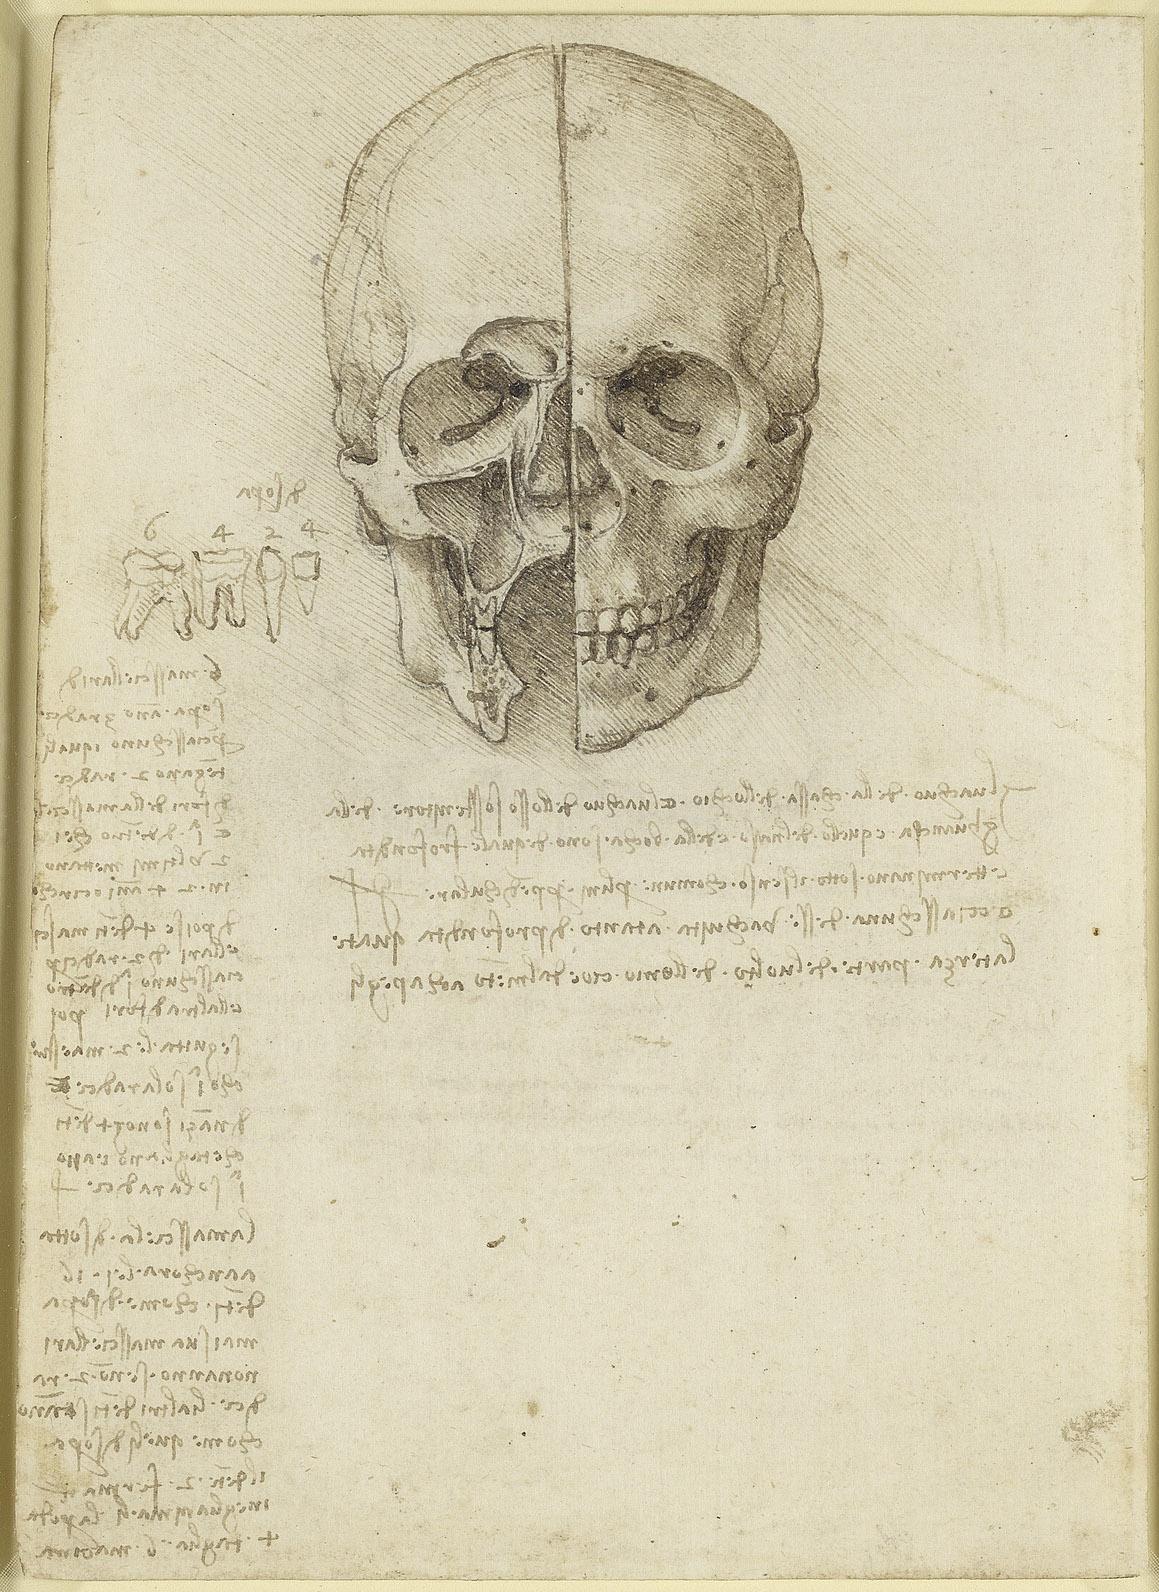 Leonardo da Vinci Vinci 1452Amboise 1519 Recto The